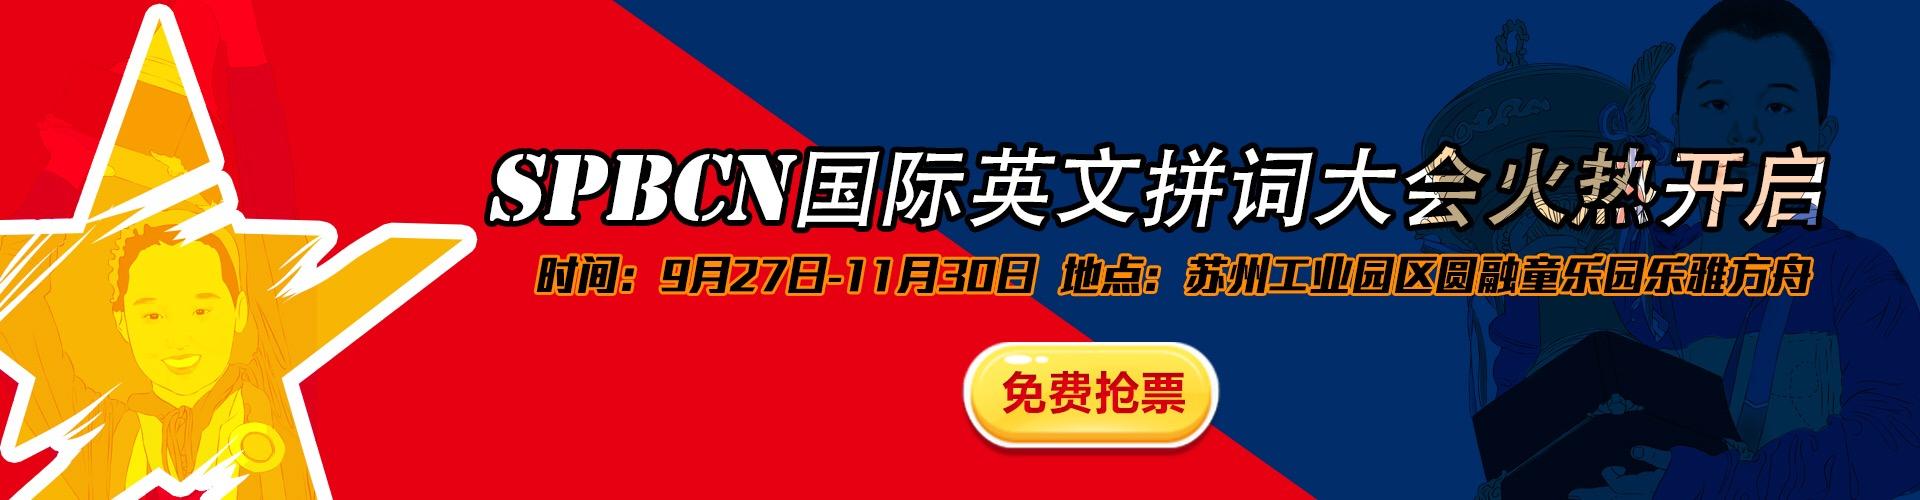 2019-2020赛季SPBCN国际英文拼词大会苏州区报名开启啦!